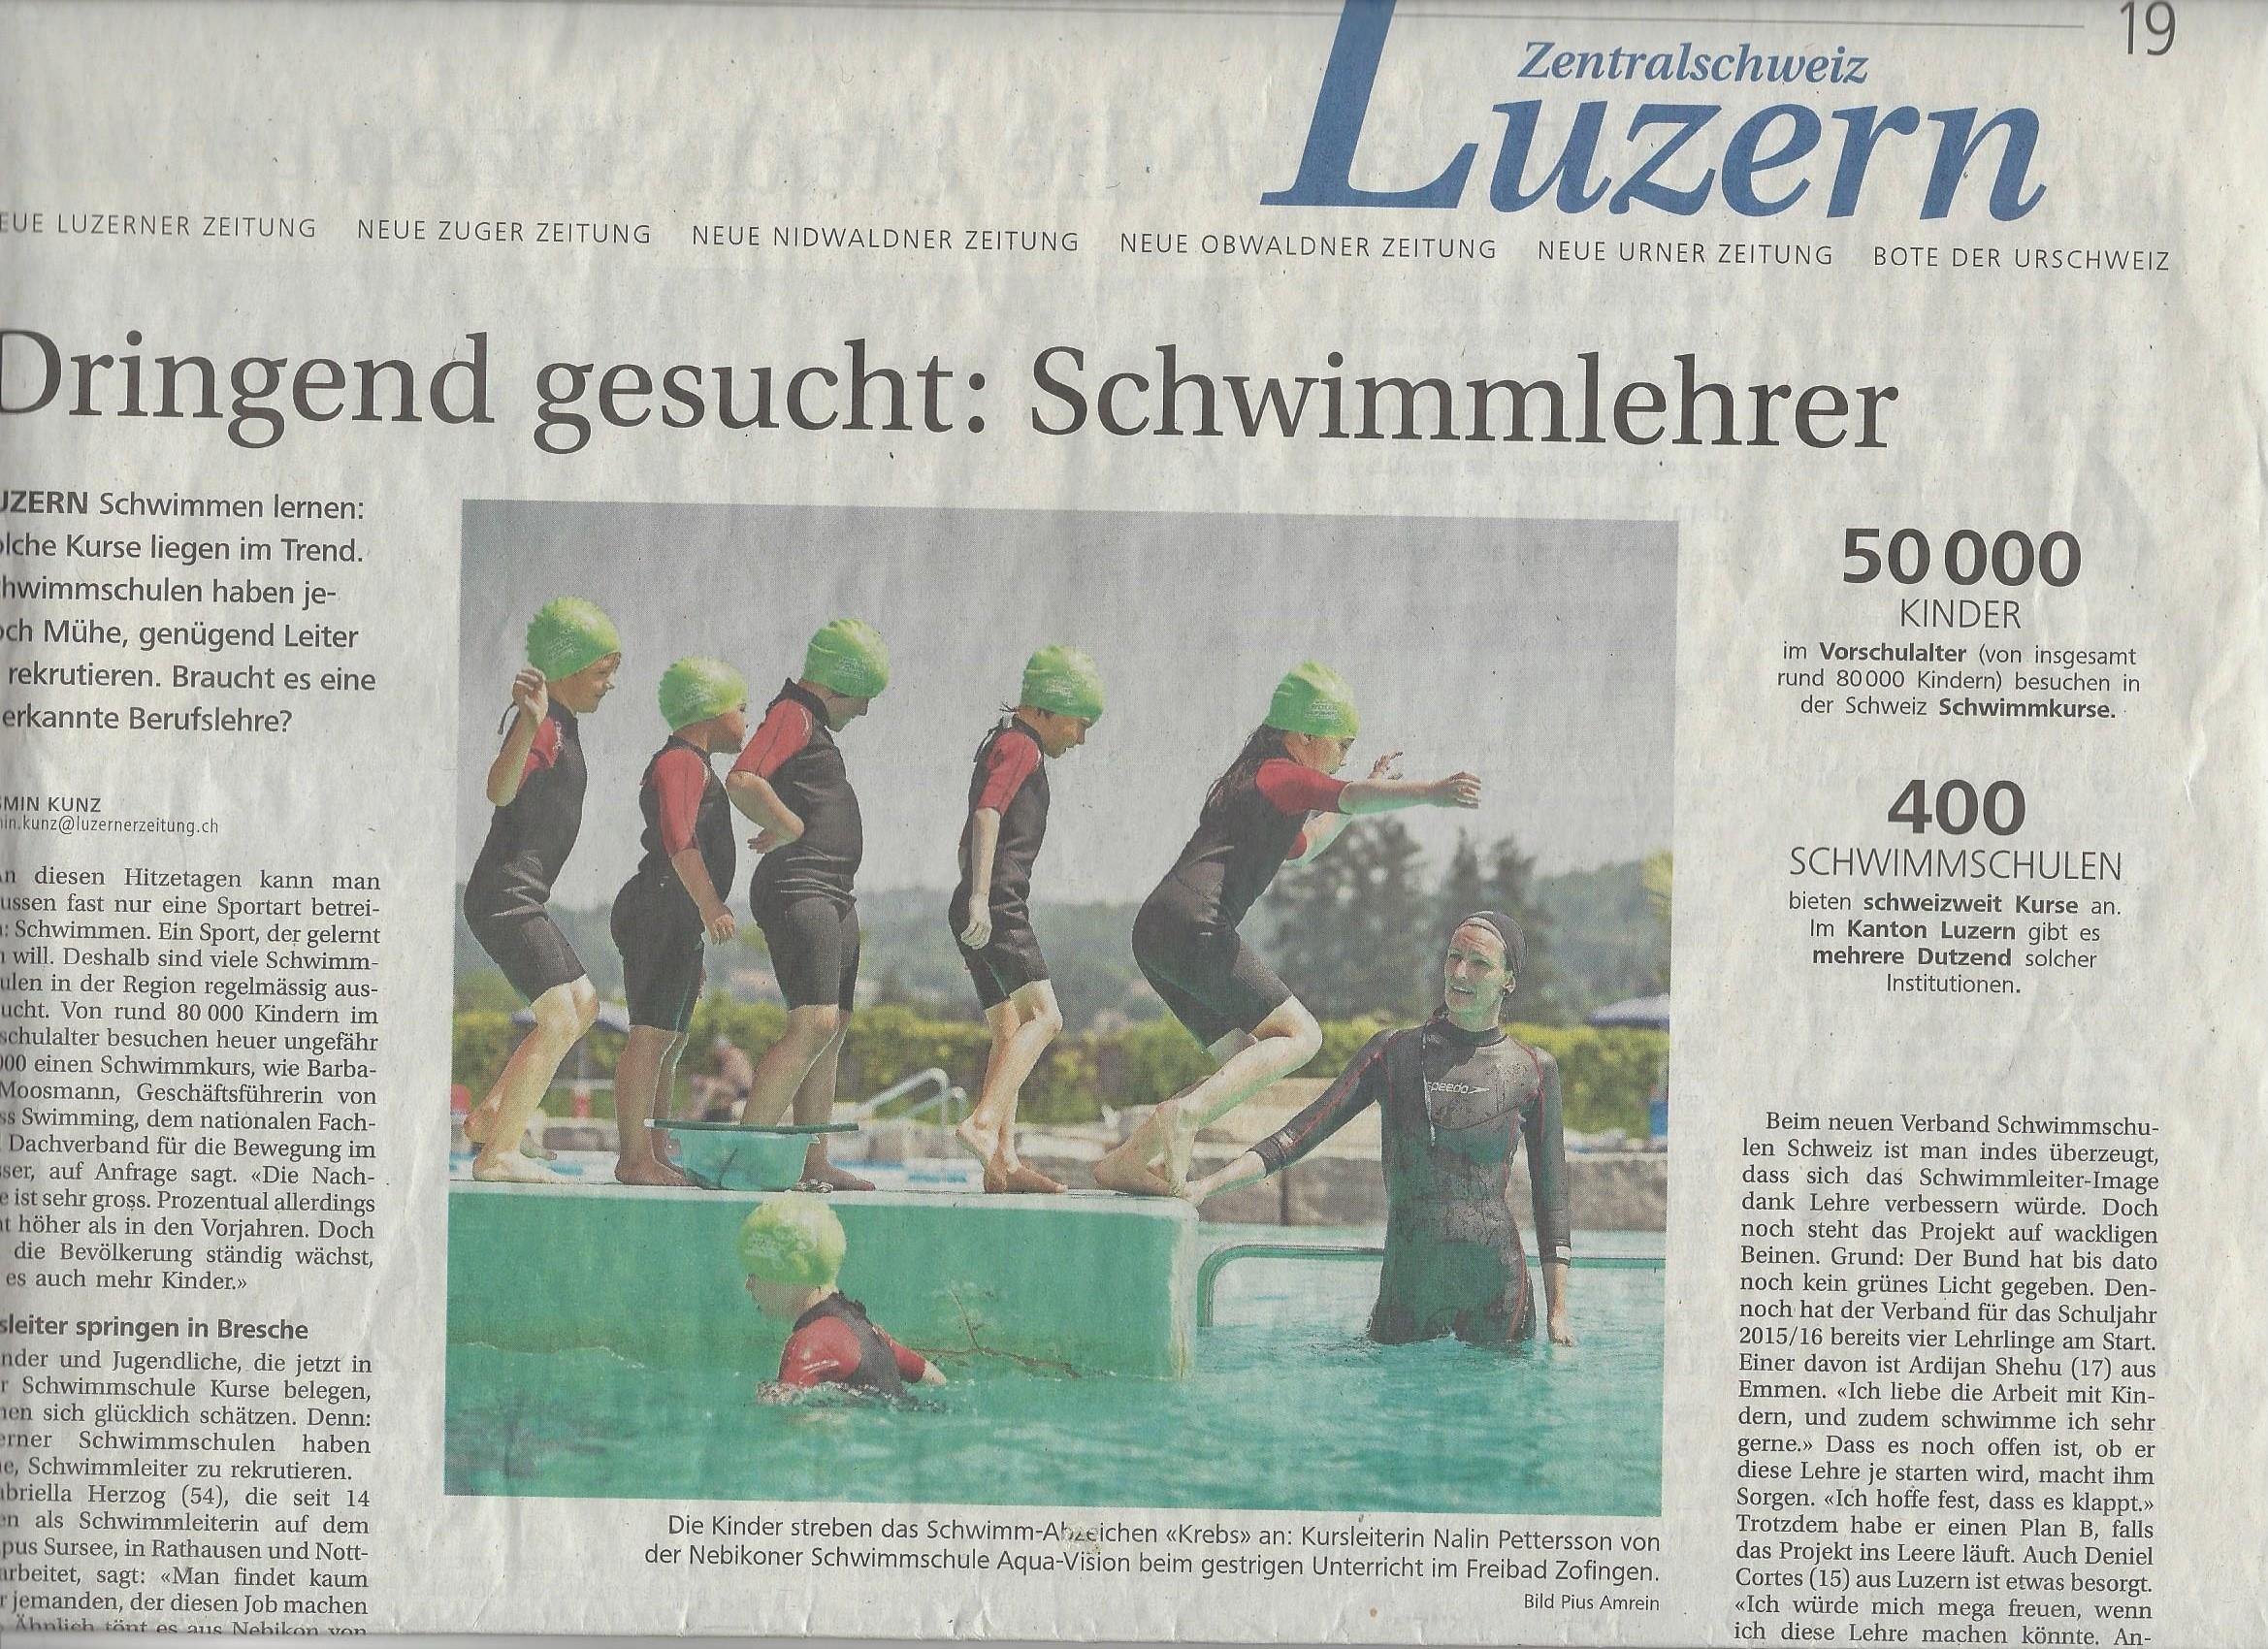 Dringend Schwimmlehrer gesucht